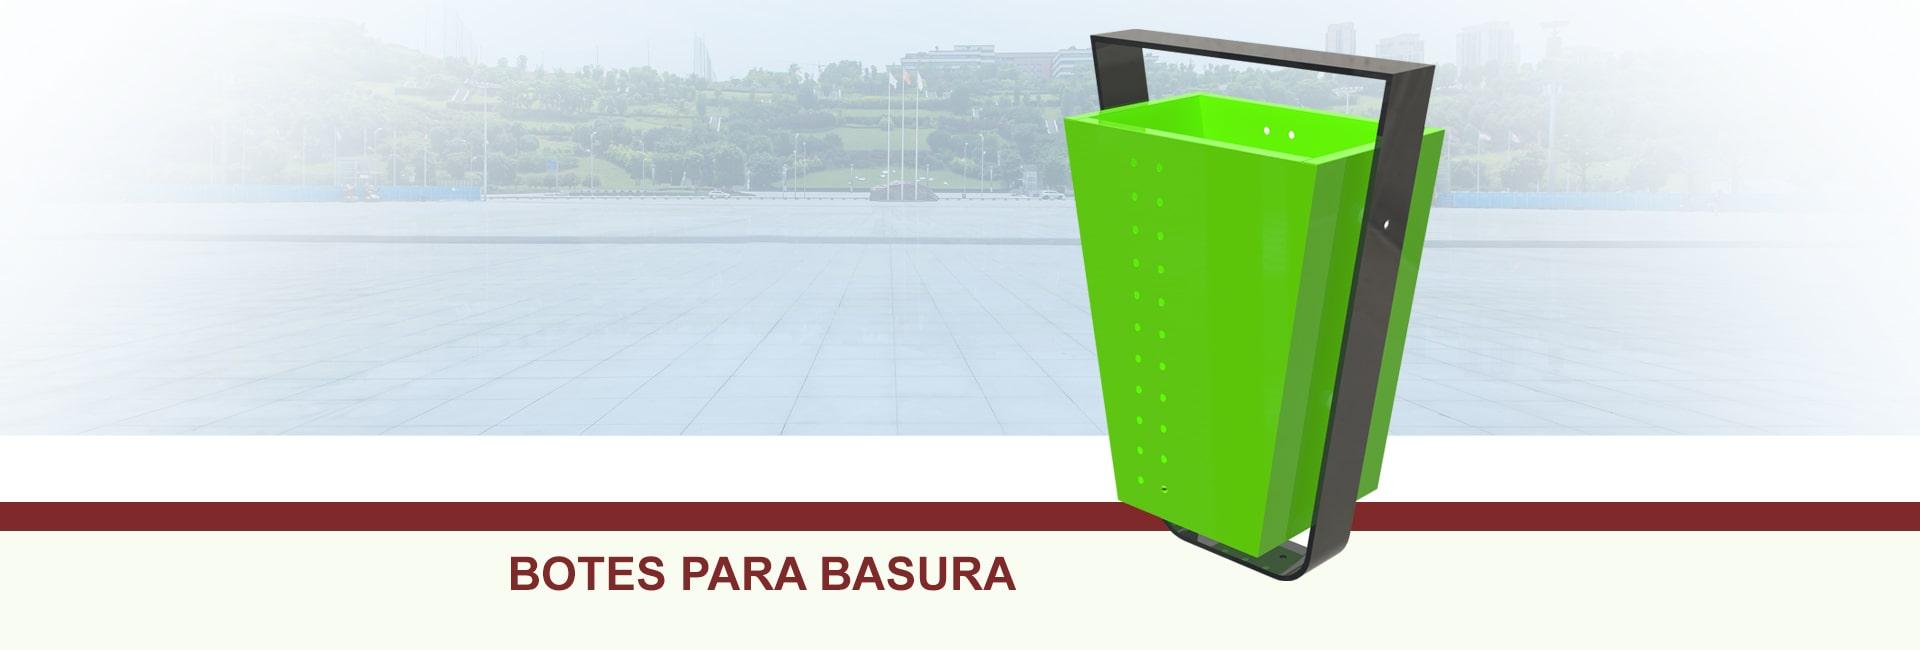 Venta de Mobiliario Urbano en México - MUPA